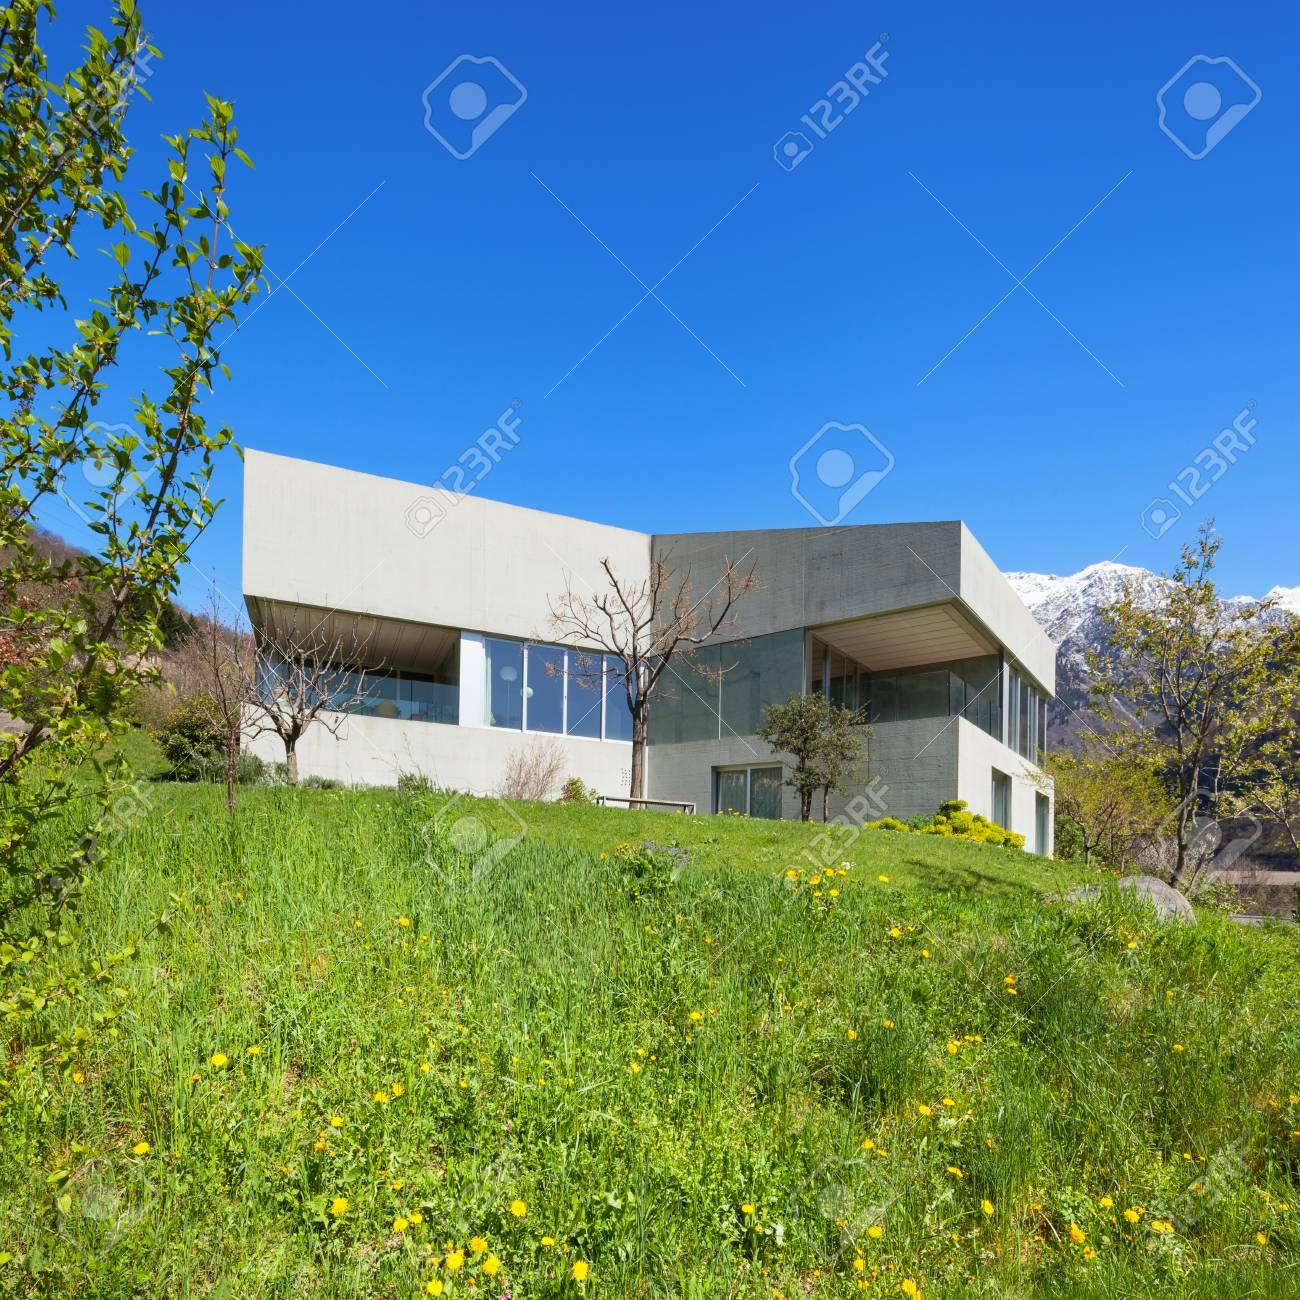 Moderner Entwurf Der Architektur, Konkretes Haus Und Wiese, Draußen ...